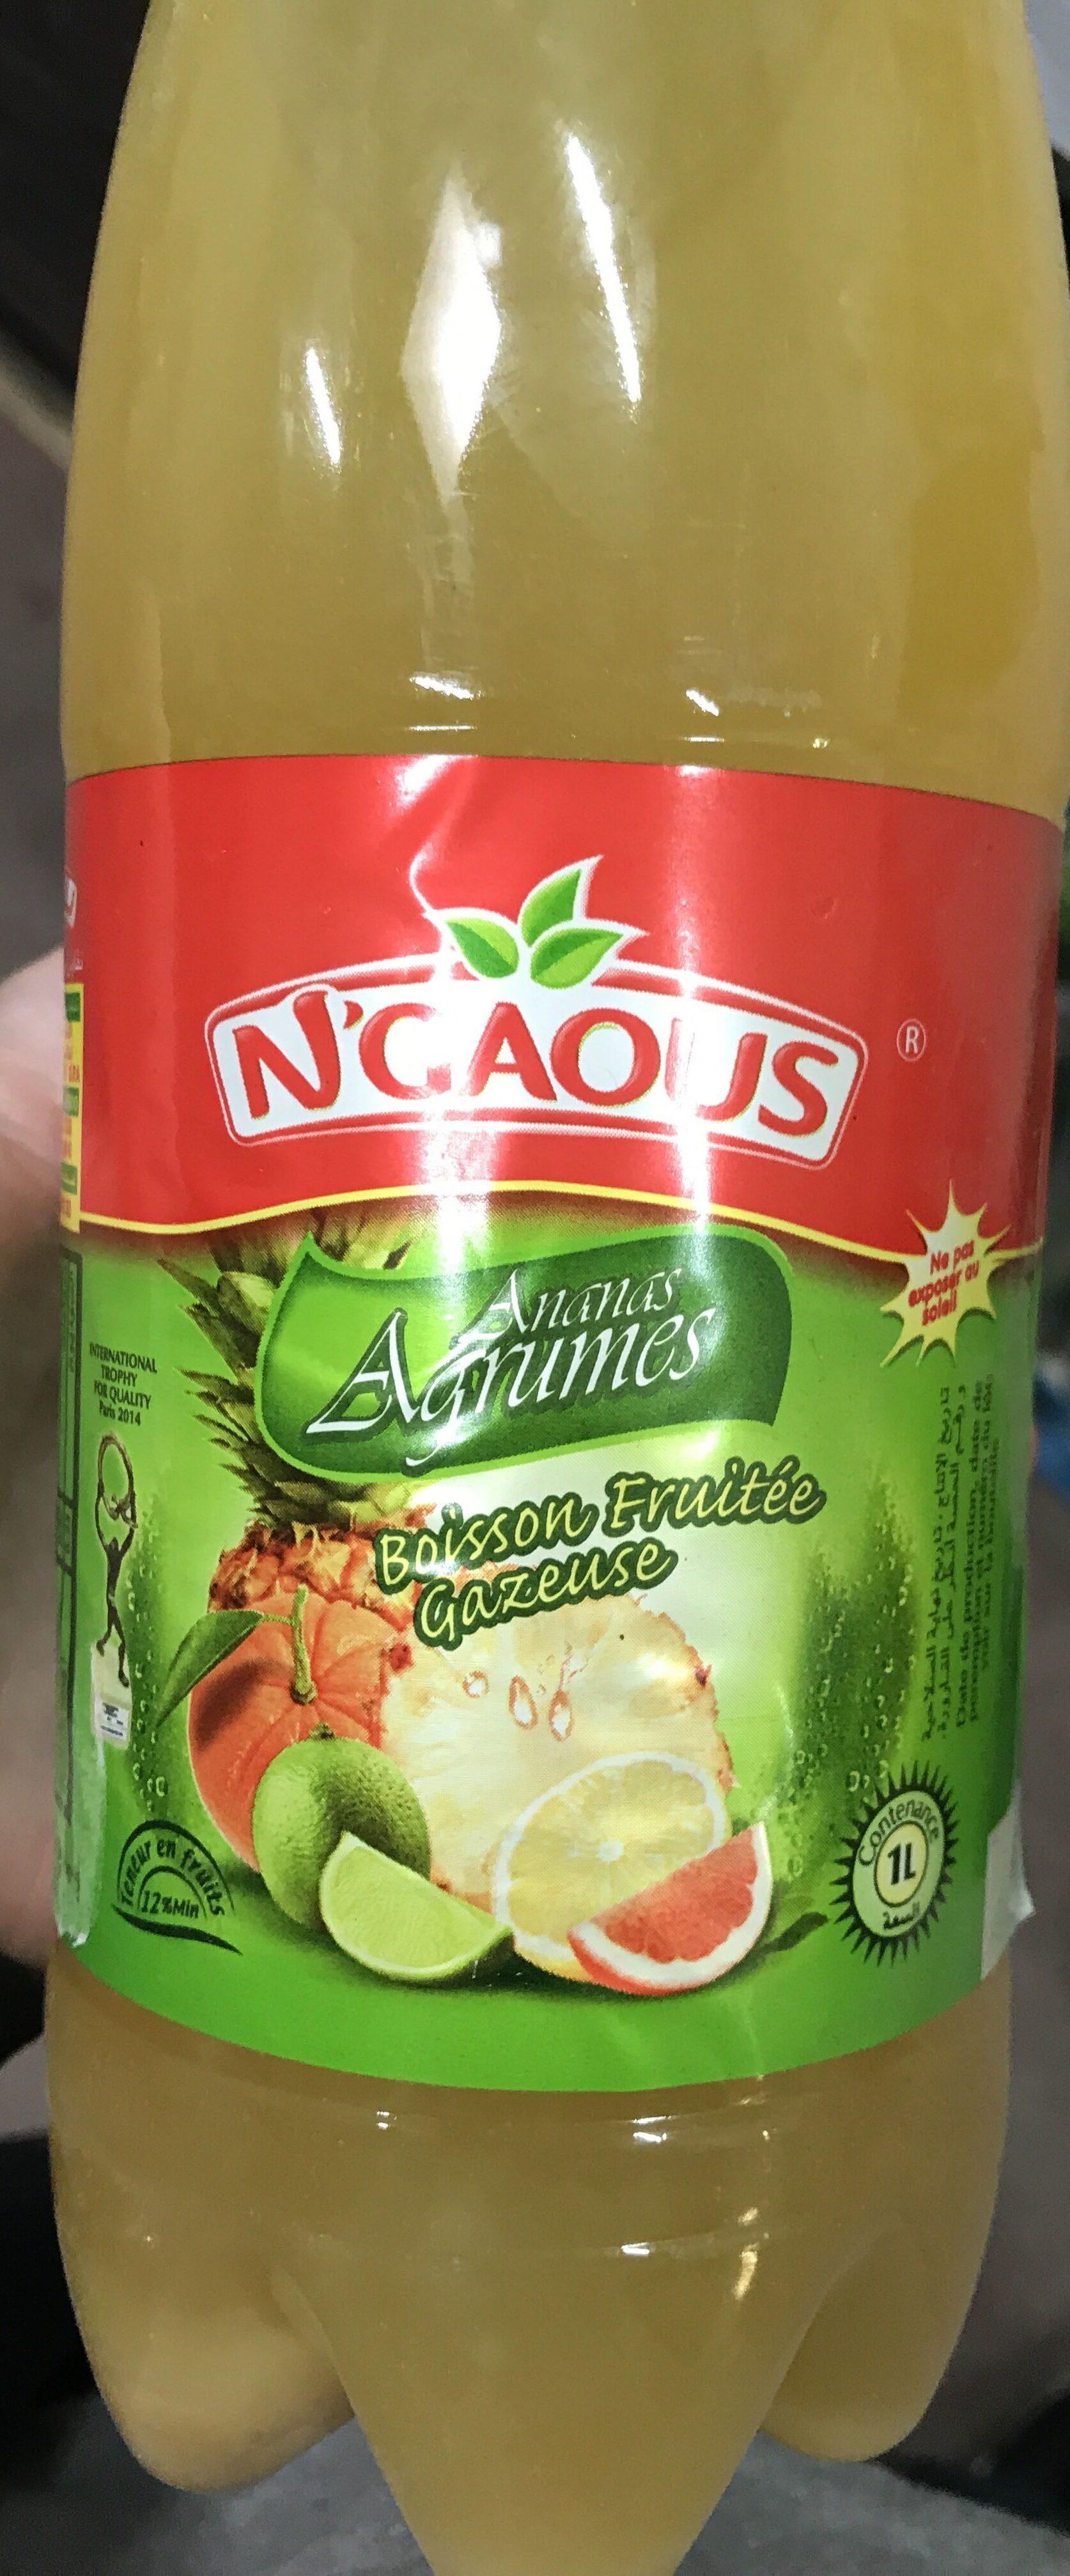 Ananas Agrum - Produit